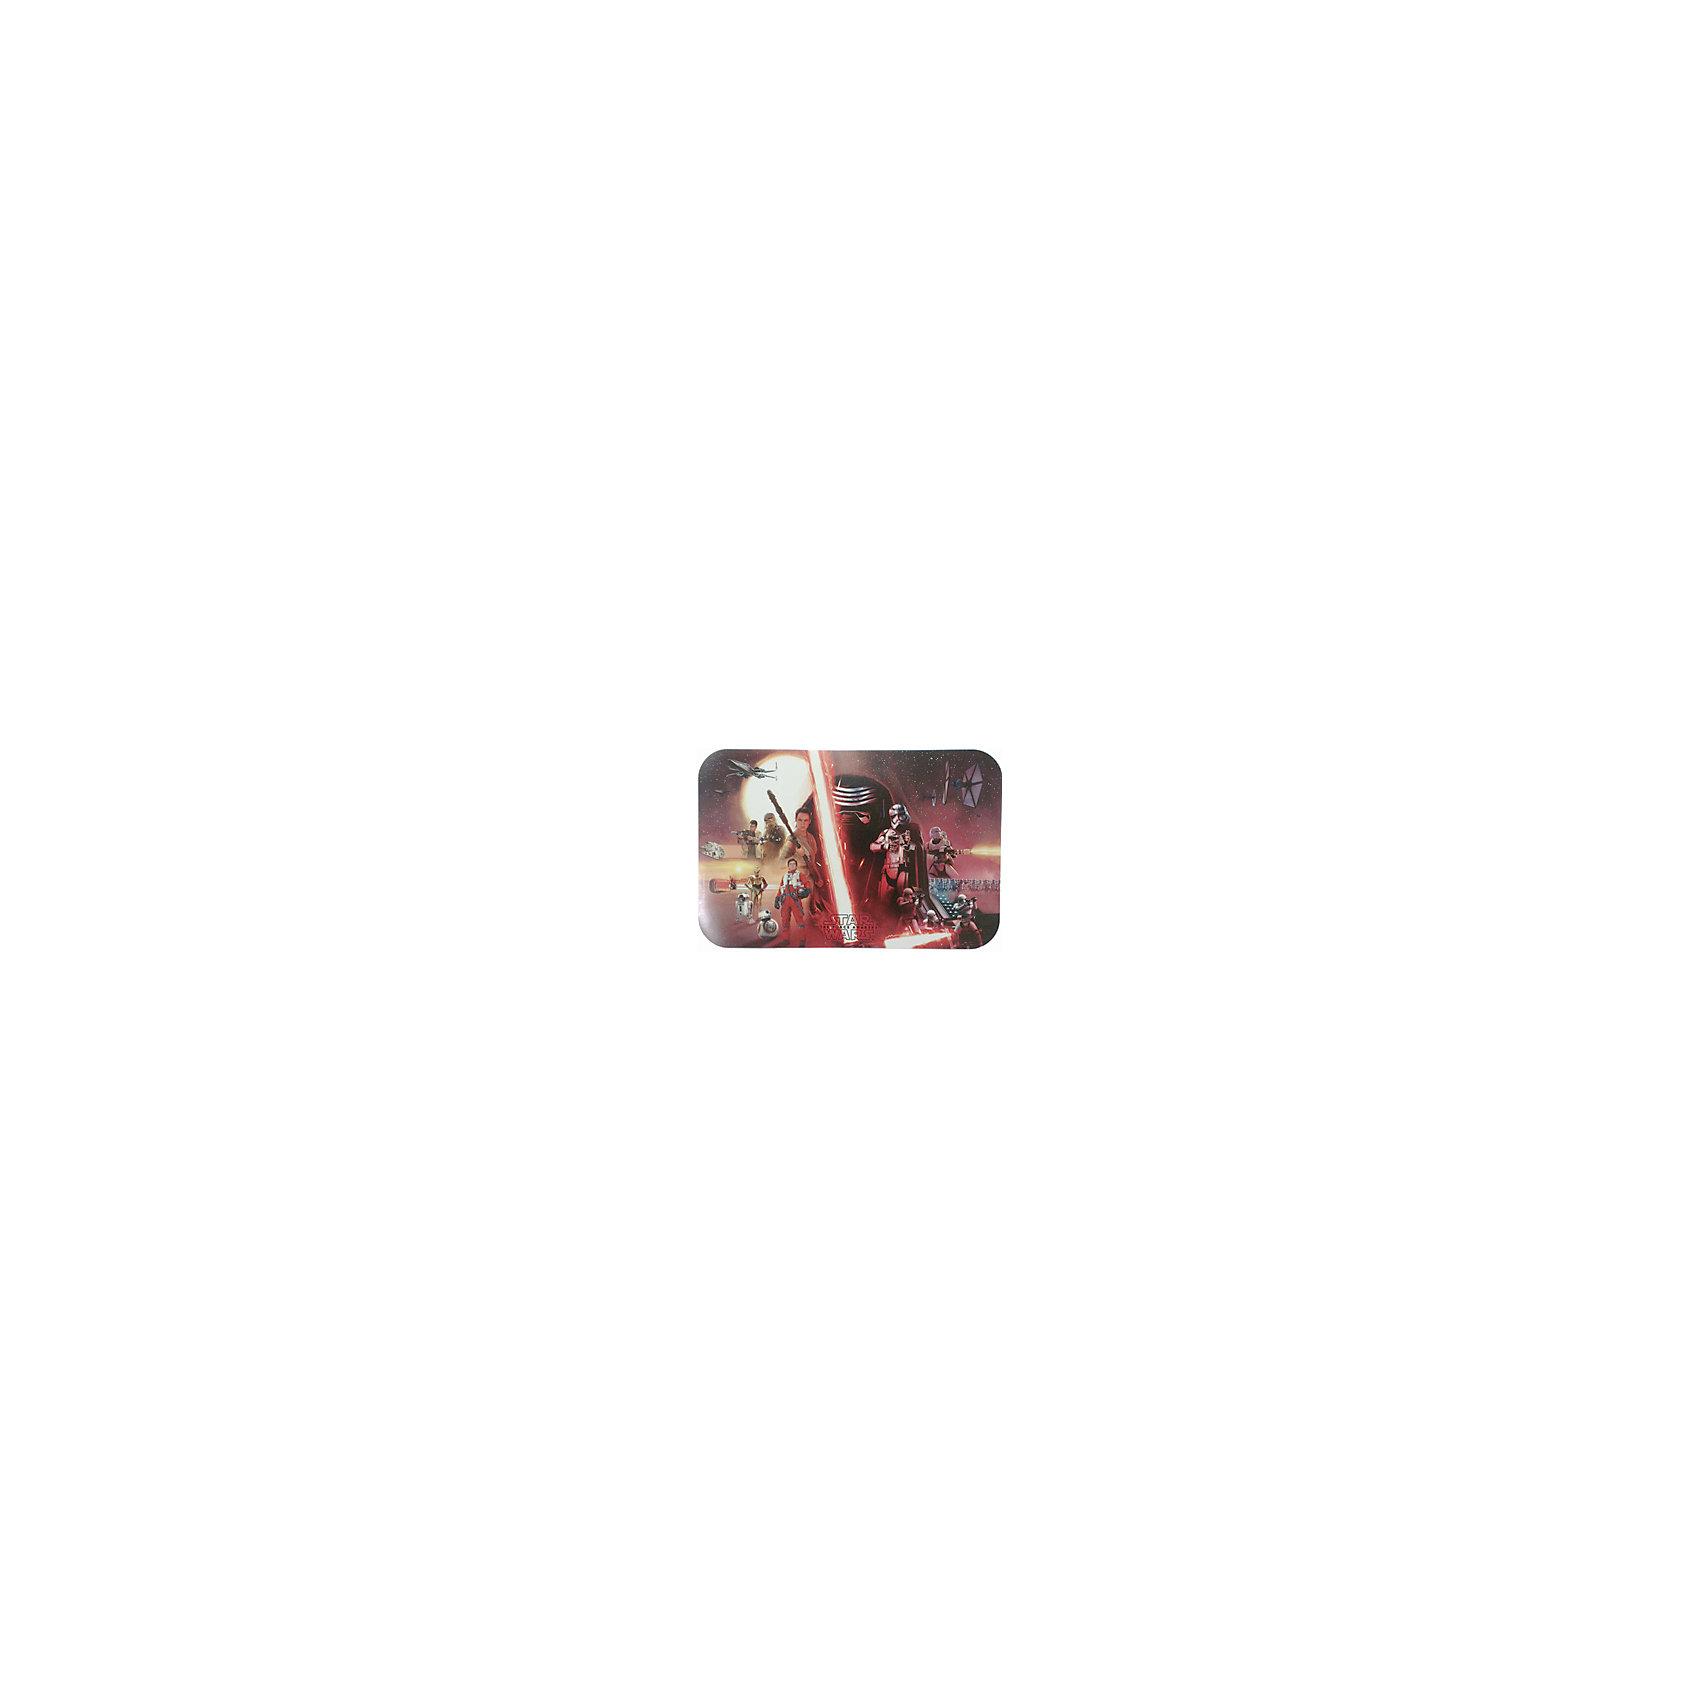 Салфетка Пробуждение силы 44*29 см, Звездные ВойныЗвездные войны<br>Салфетка Пробуждение силы 44*29 см, Звездные Войны - эта салфетка не только украсит стол, но и защитит его от различных повреждений.<br>Термосалфетка под столовые приборы Пробуждение силы, оформленная 2D рисунком с изображением героев седьмого эпизода саги «Звёздные войны: Пробуждение силы», идеально впишется в интерьер любой кухни. Она будет незаменимым и полезным аксессуаром, так как защитит поверхность столешницы от воздействия высоких температур и повреждений, и уменьшит шум от посуды. Ваш стол будет украшен яркой красочной салфеткой, а оригинальный рисунок поднимет аппетит и настроение вам и вашему ребенку!<br><br>Дополнительная информация:<br><br>- Размер: 44х29 см.<br>- Материал: термоустойчивый, экологически чистый полипропилен<br><br>Салфетку Пробуждение силы 44*29 см, Звездные Войны можно купить в нашем интернет-магазине.<br><br>Ширина мм: 440<br>Глубина мм: 290<br>Высота мм: 1<br>Вес г: 50<br>Возраст от месяцев: 36<br>Возраст до месяцев: 144<br>Пол: Унисекс<br>Возраст: Детский<br>SKU: 4606795